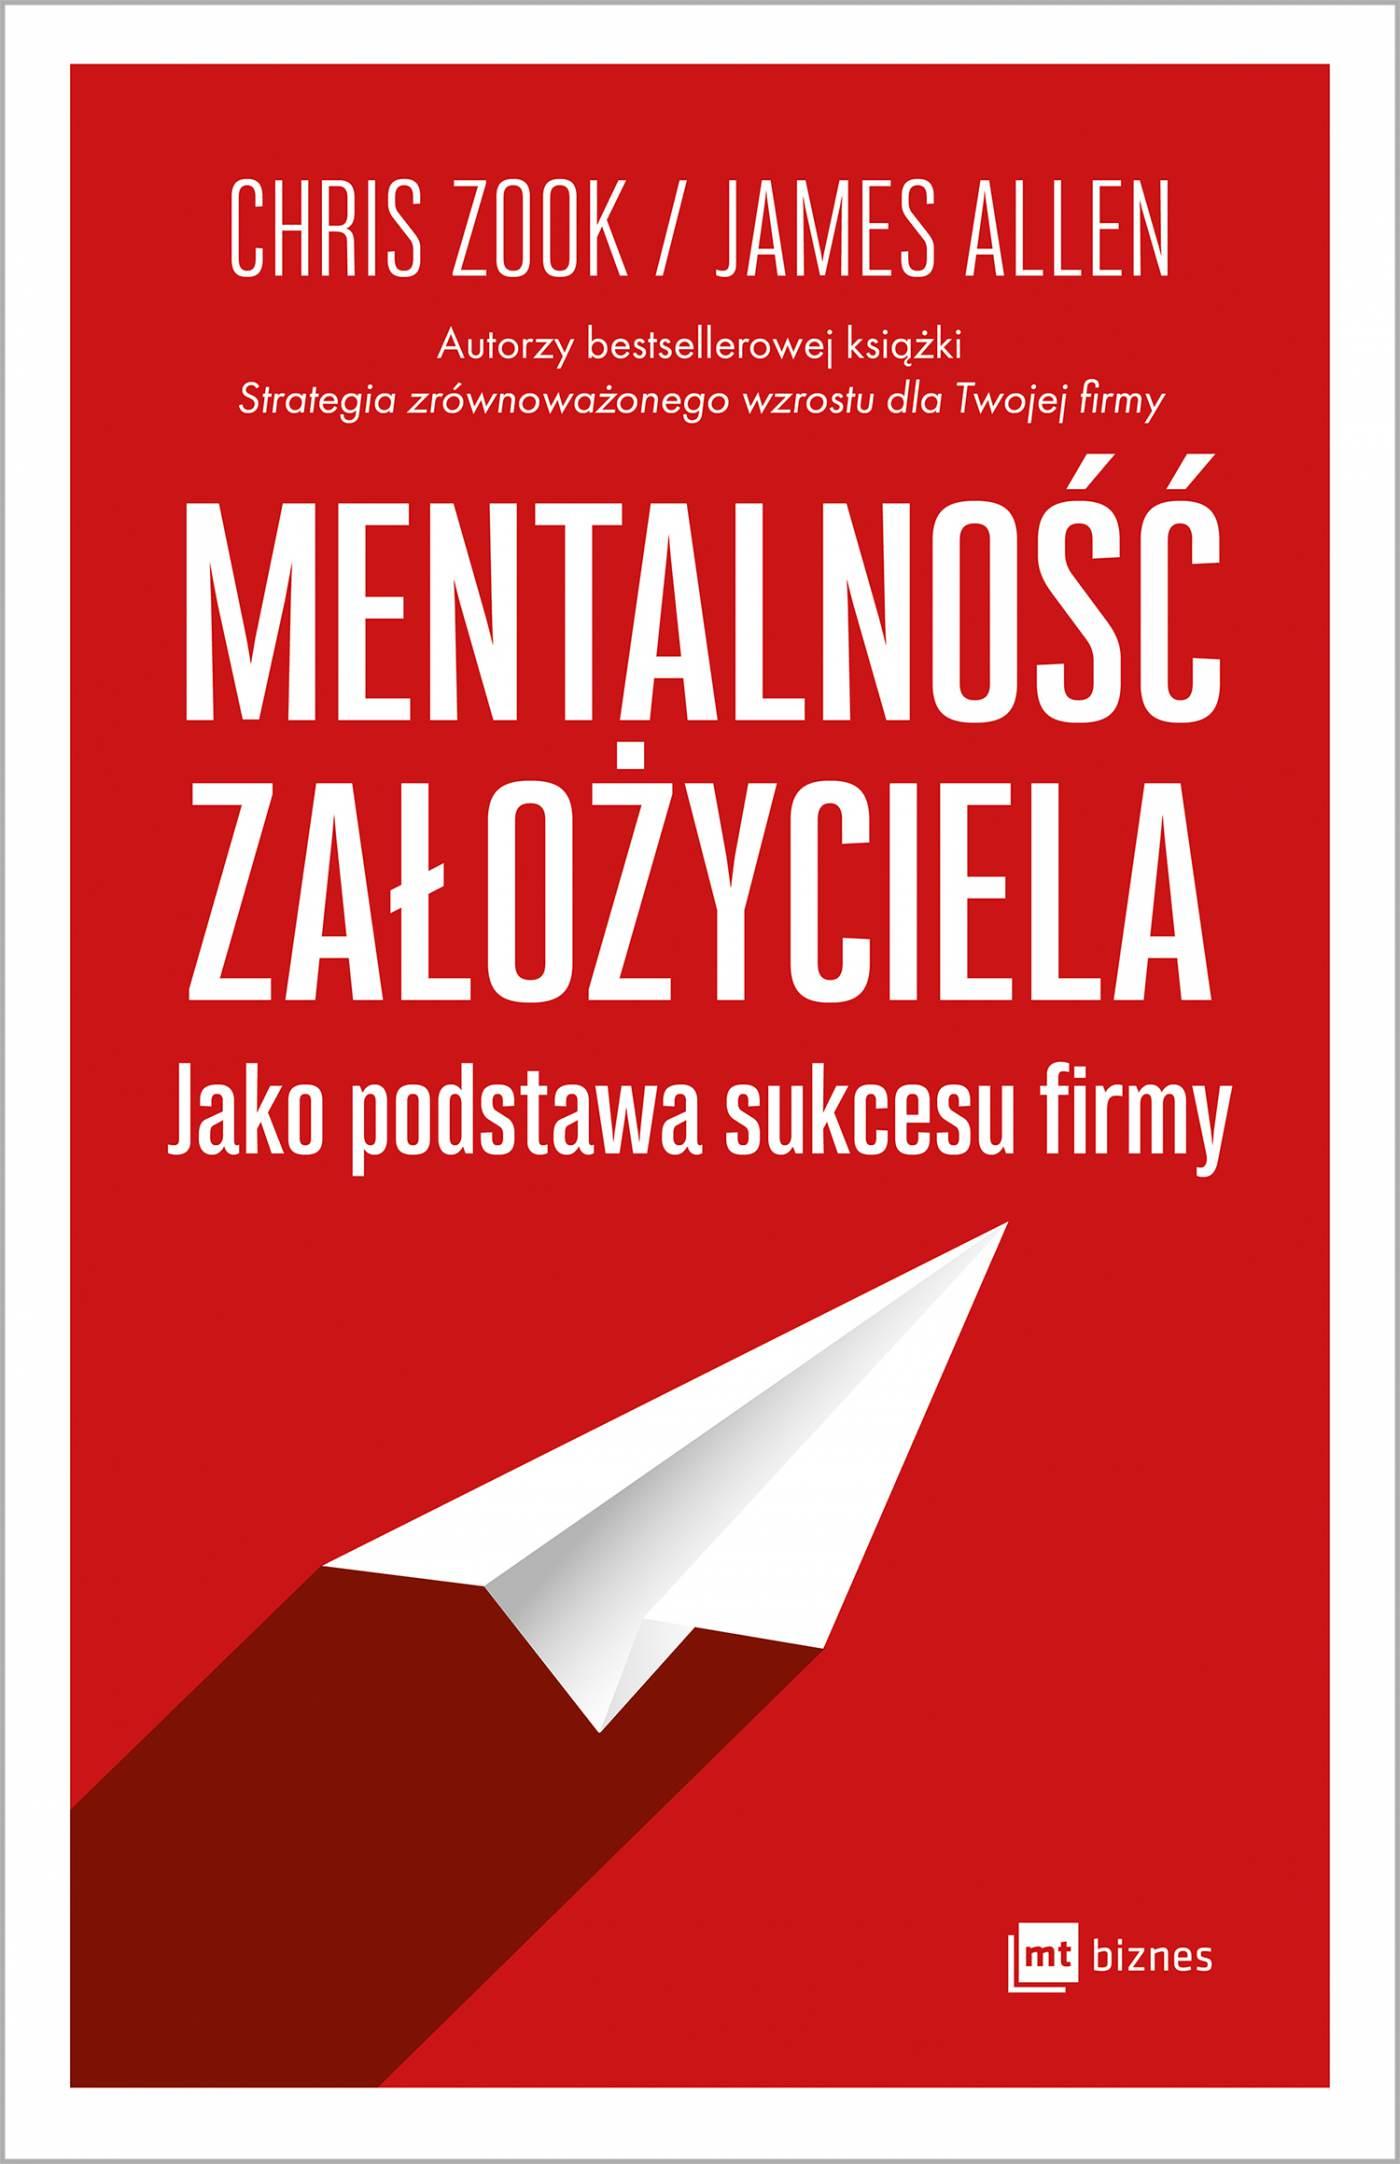 Mentalność założyciela jako podstawa sukcesu firmy - Ebook (Książka EPUB) do pobrania w formacie EPUB